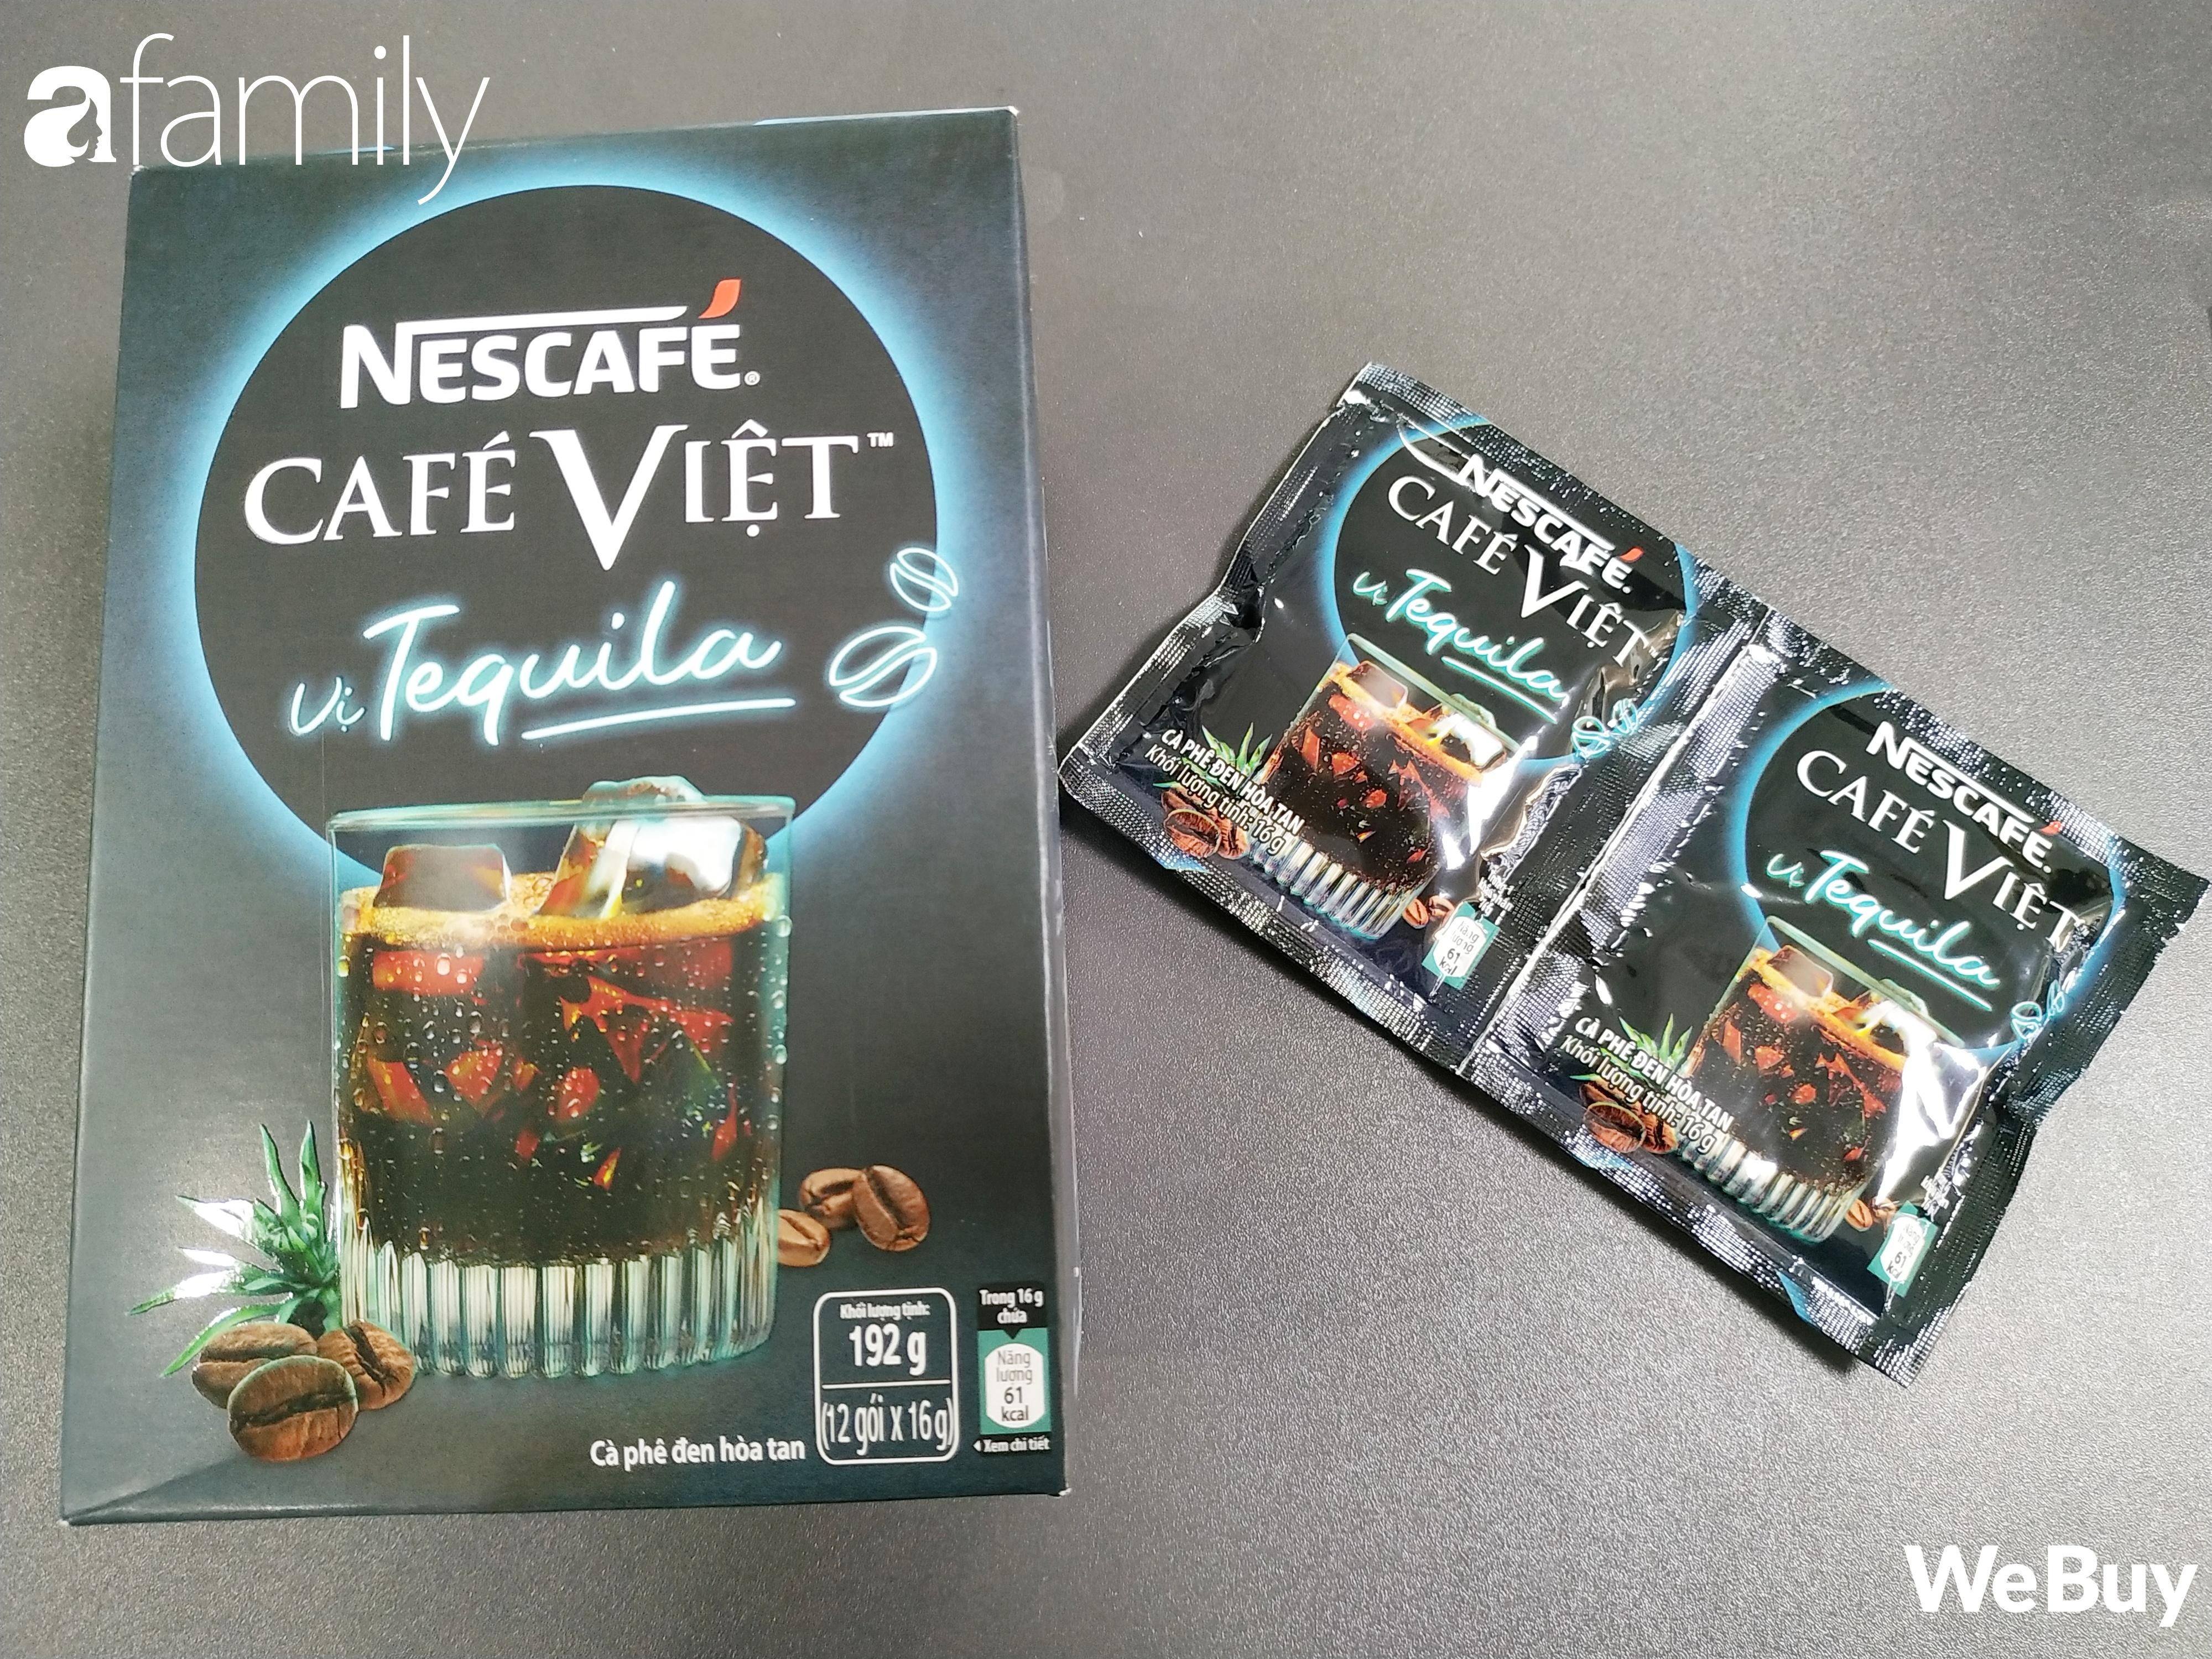 Uống thử cà phê vị rượu sản xuất tại Việt Nam: không chứa cồn, mùi thơm nồng nàn nhưng vị liệu có dễ uống? - Ảnh 2.